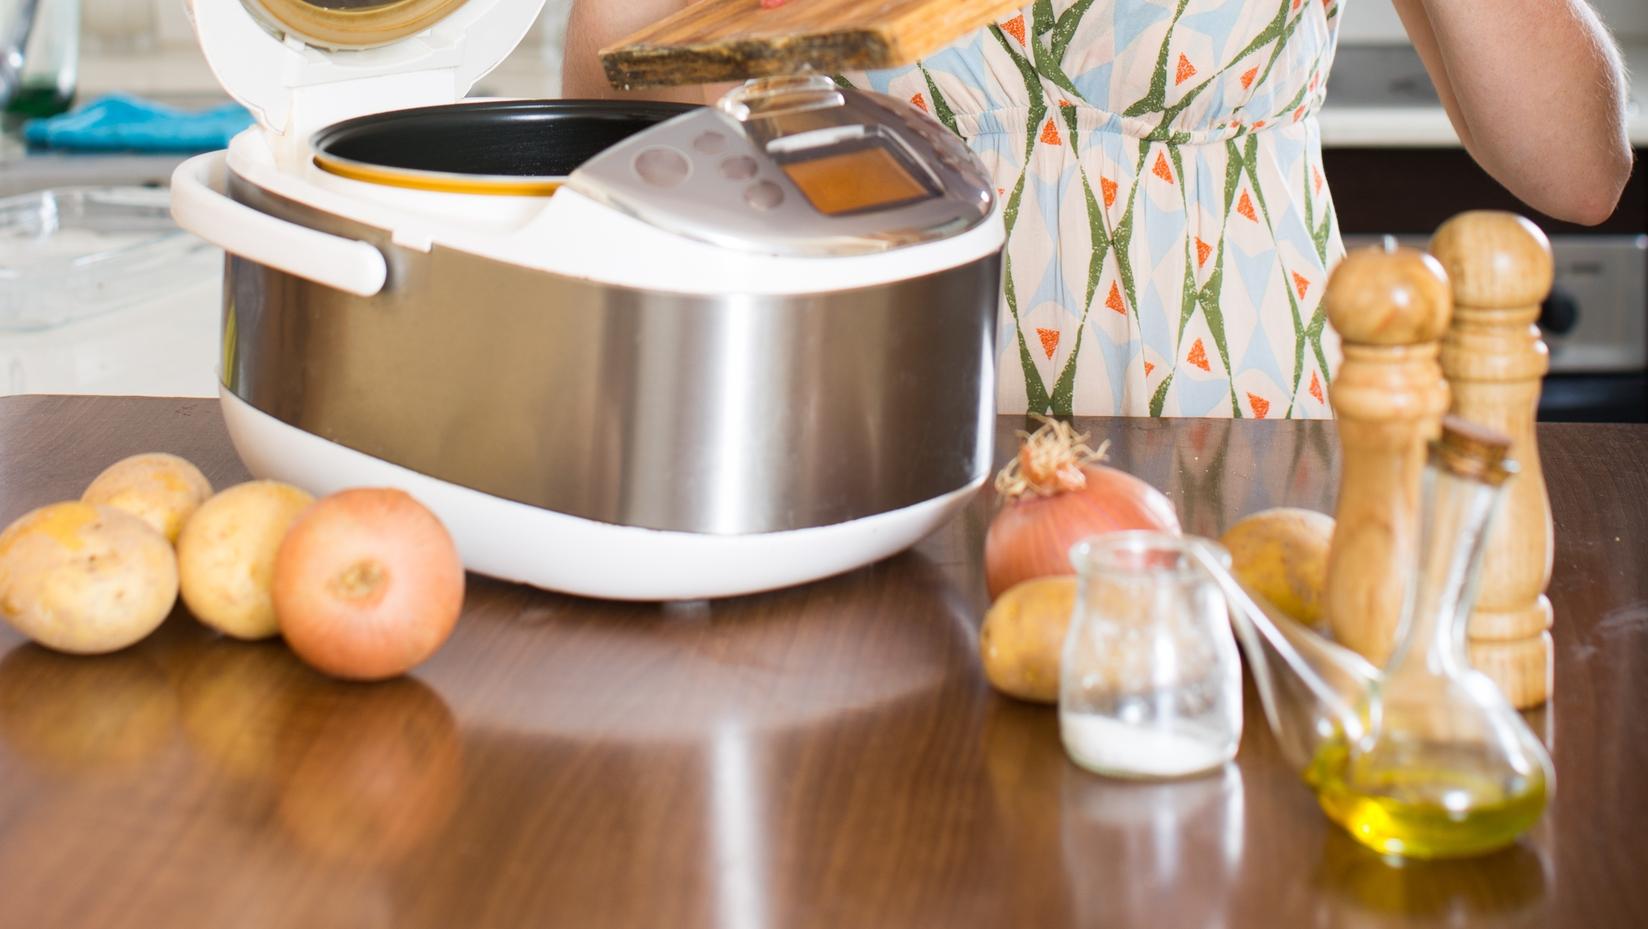 Рецепт для мультиварки: вкусный сырный суп с мясом и грибами - фото №1